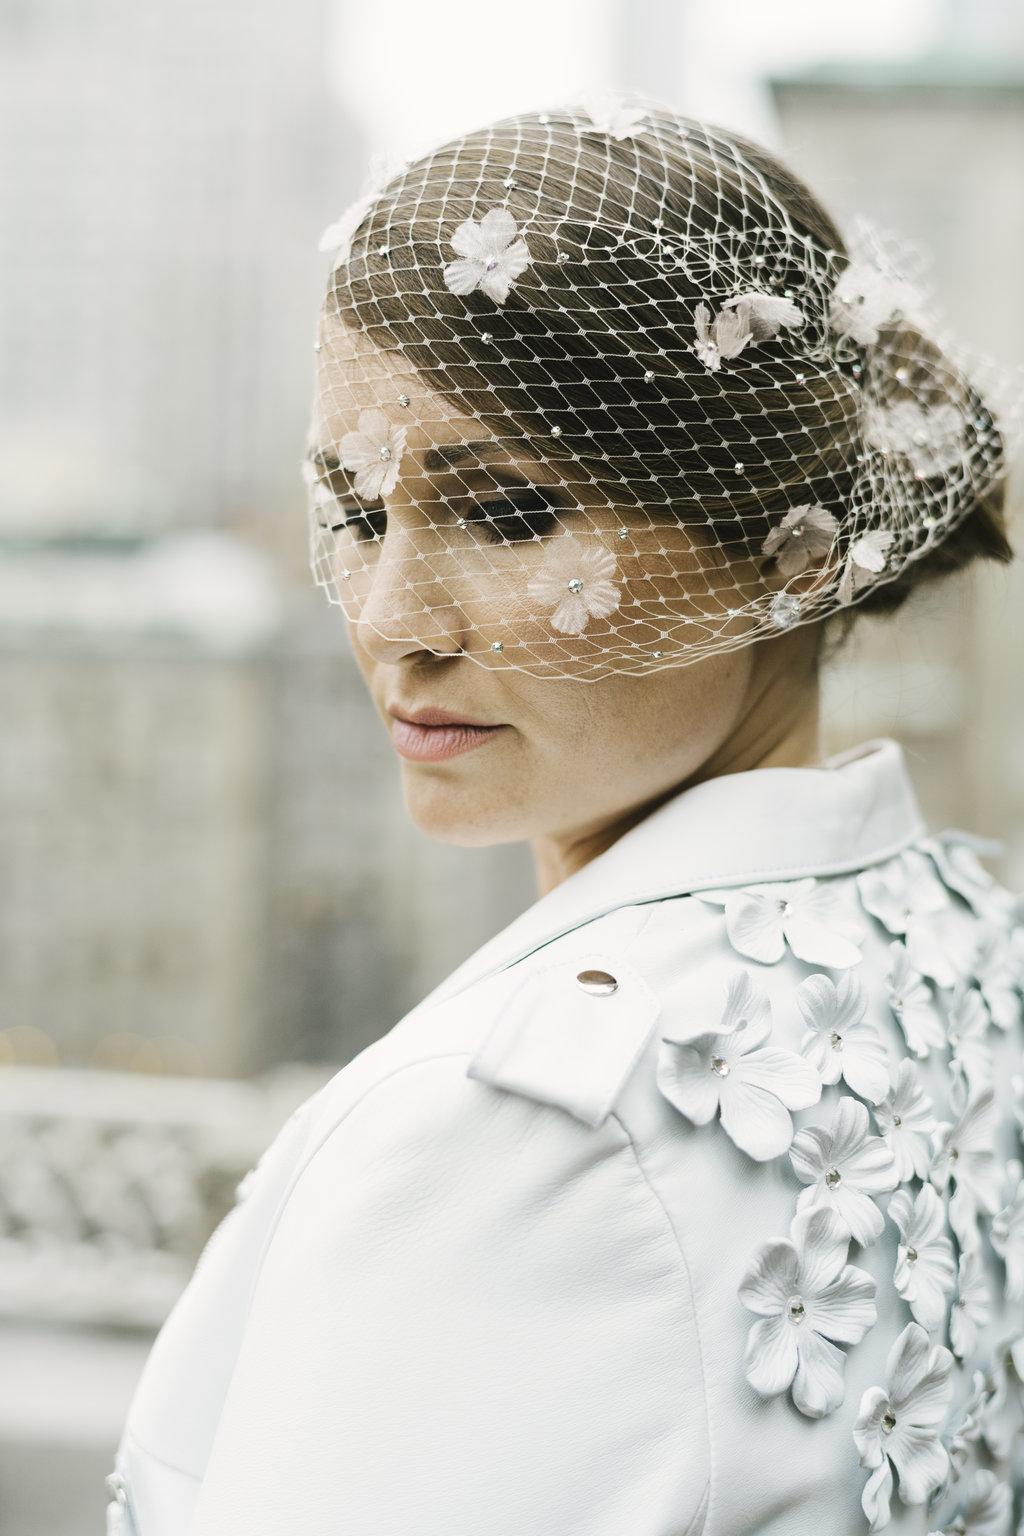 Nathalie Kraynina Bride At The Big Fake WeddingAliciaKingPhotographyBigFakeWedding279.jpg